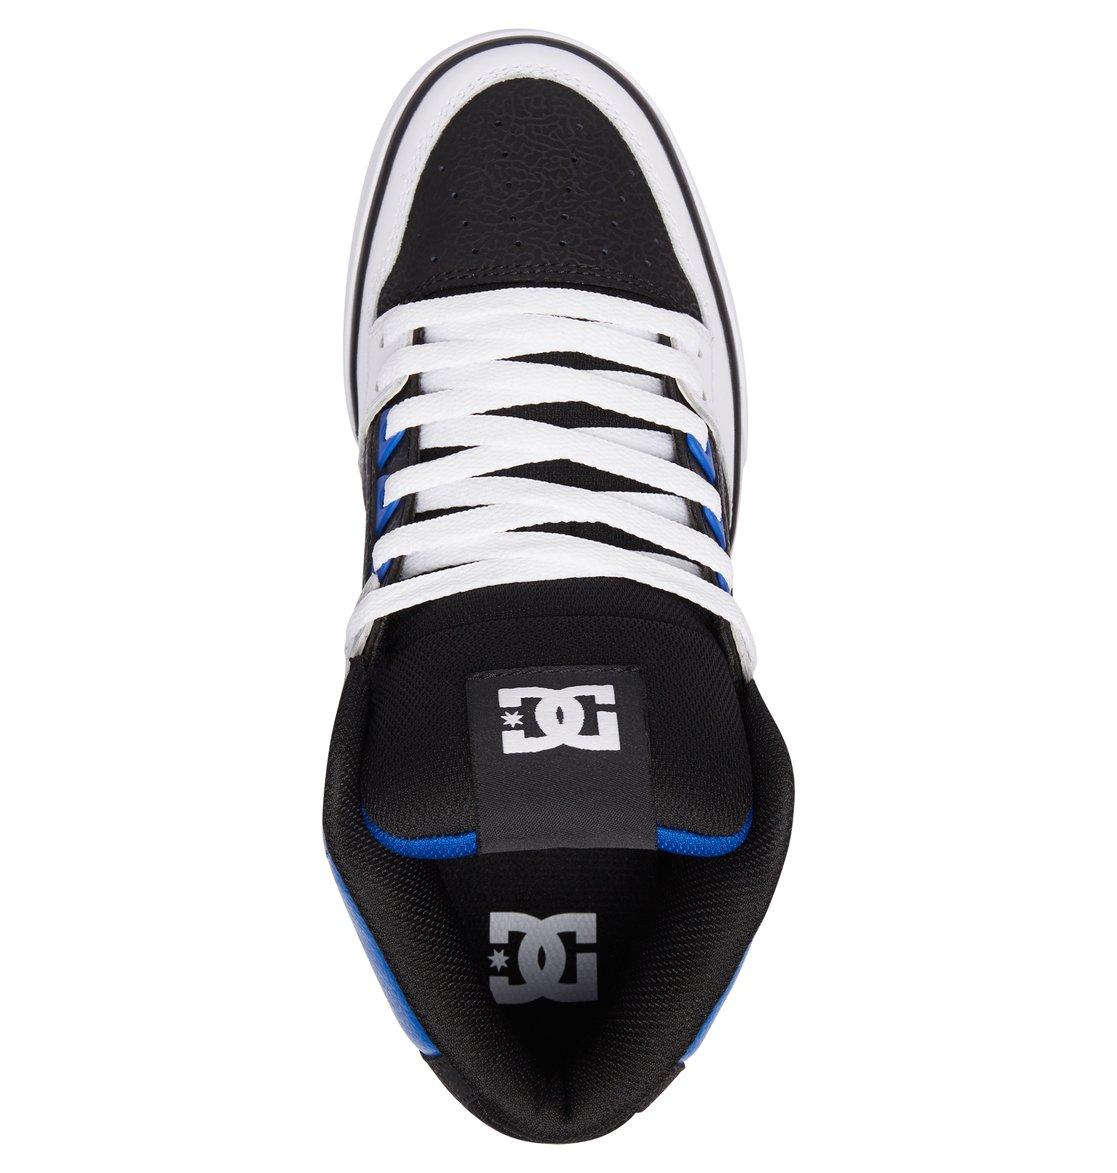 714c11ea4287 DC-Shoes-PURE-HIGH-TOP-WC vista en miniatura 14